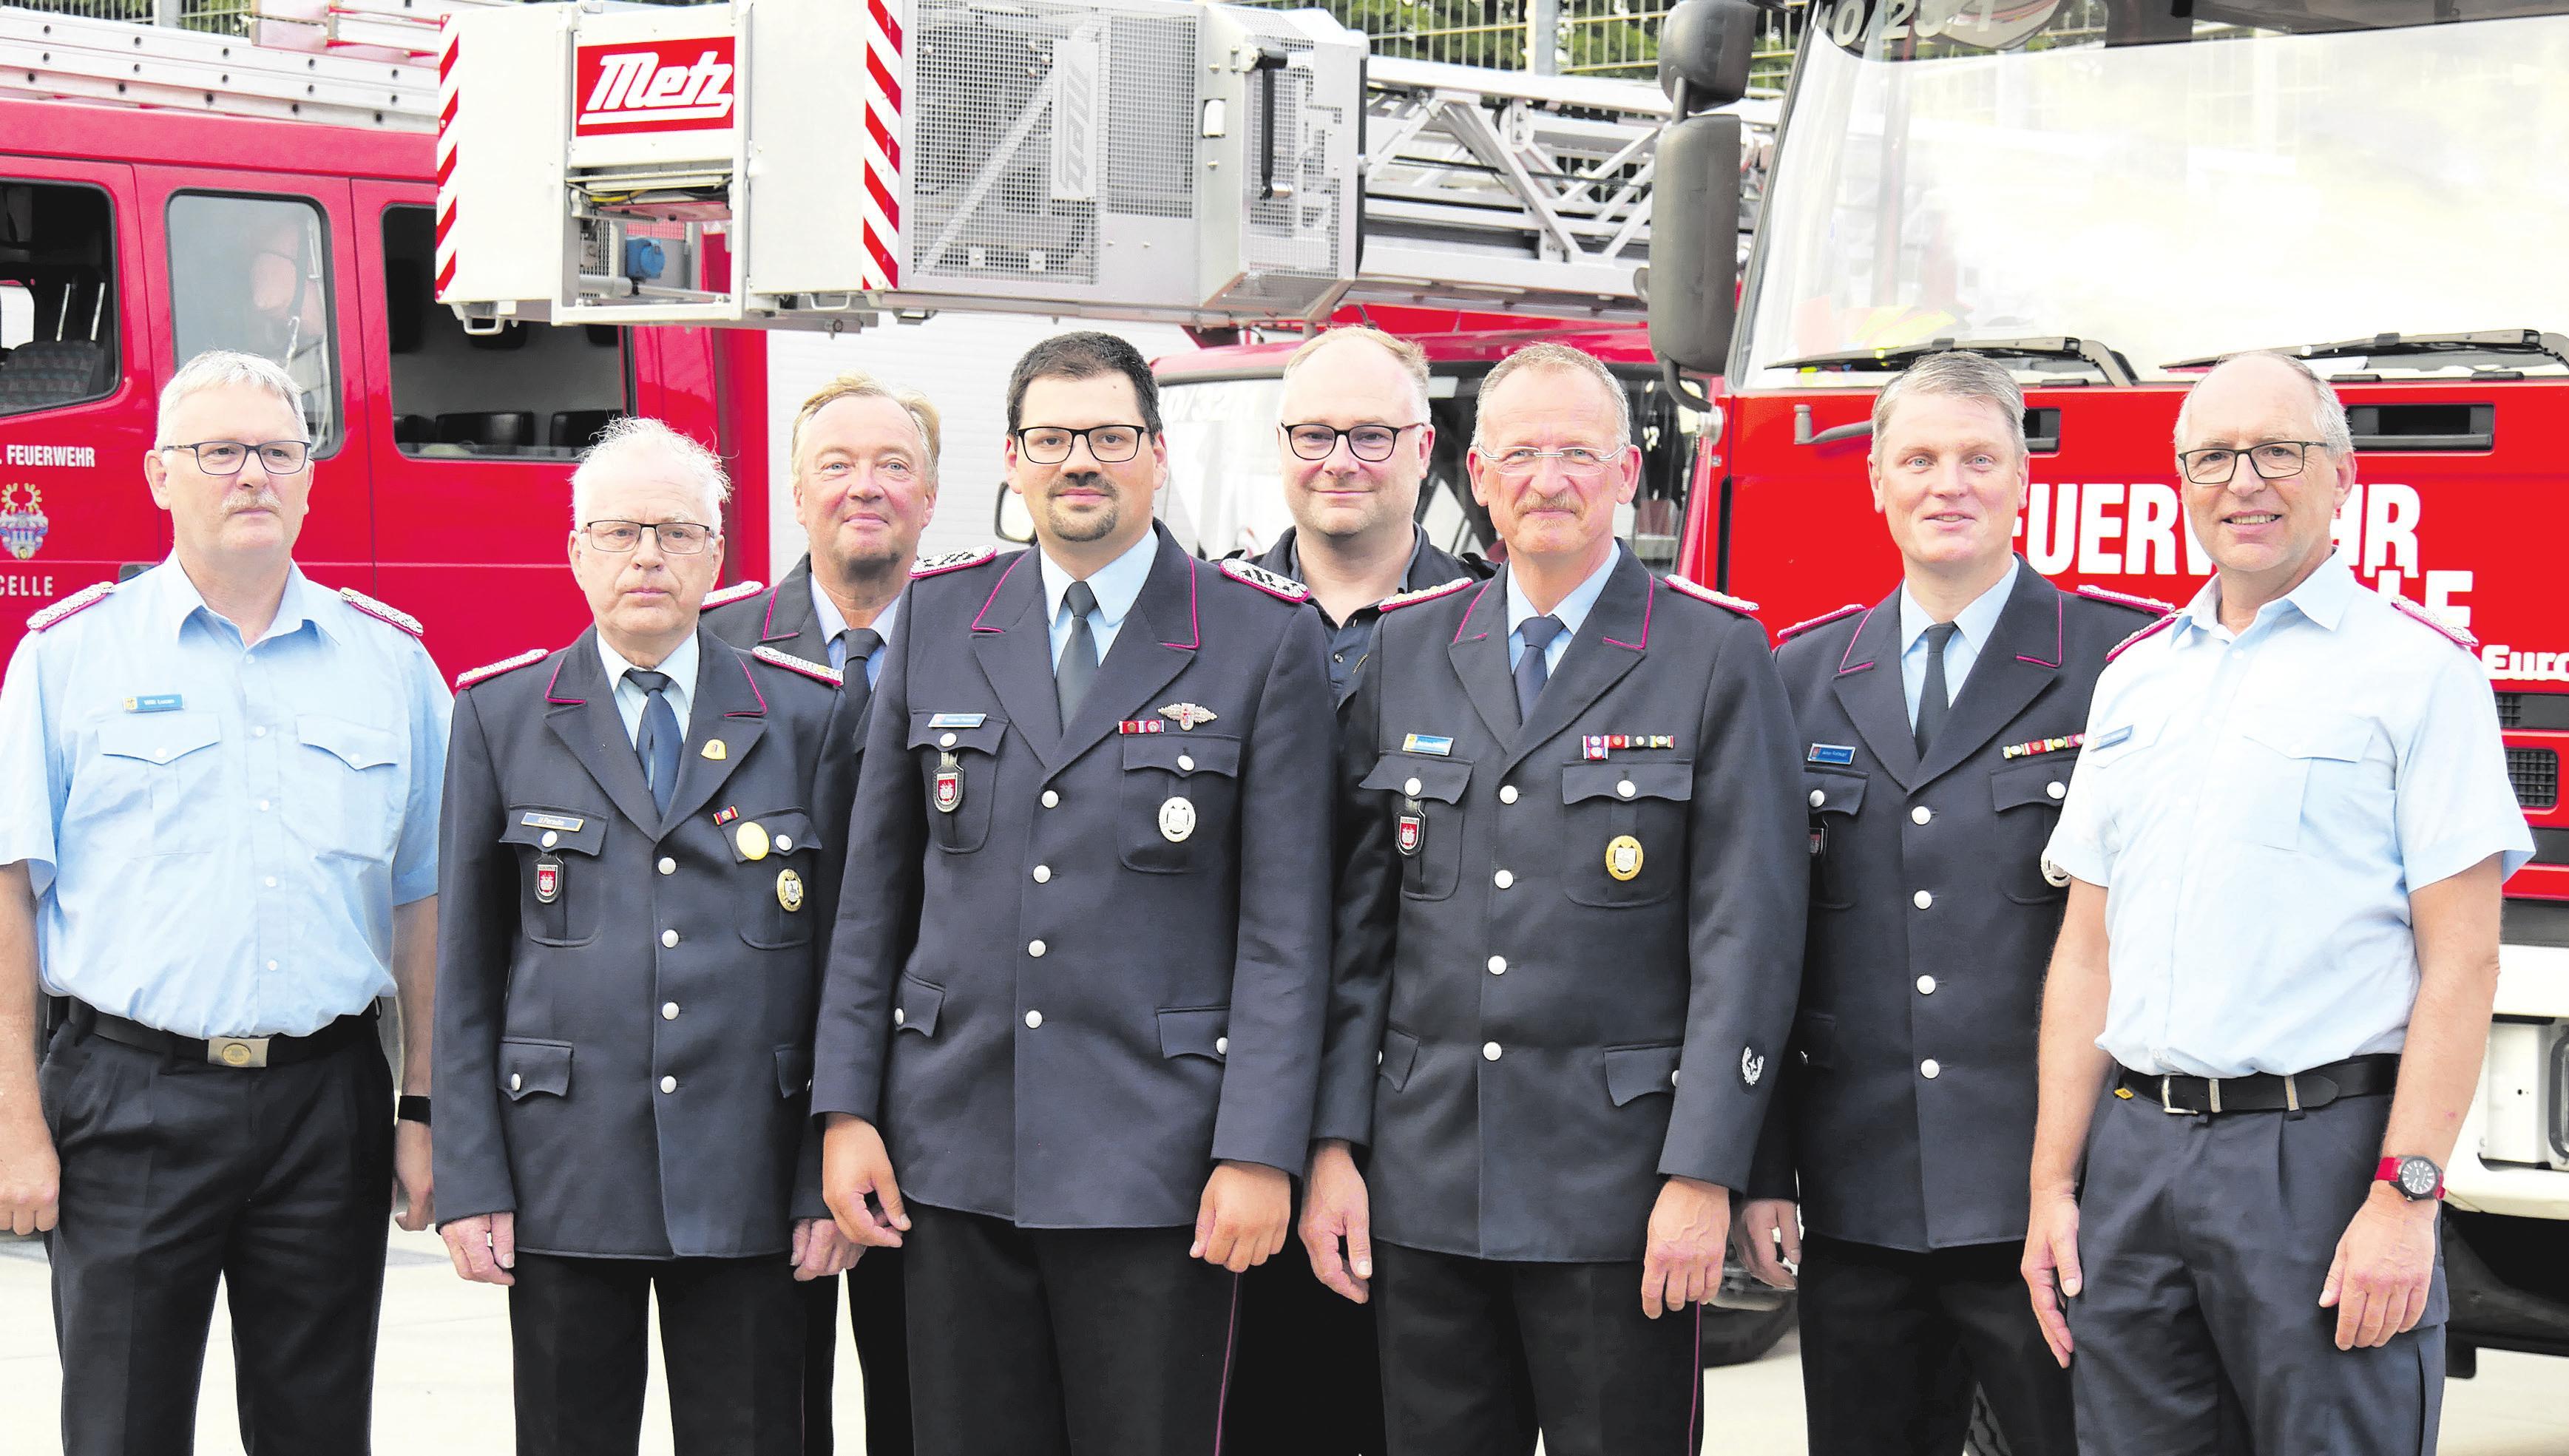 Willi Lucan (von links), Ulrich Persuhn, Bernd Müller, Florian Persuhn, Mathias Marsh, Kai-Uwe Pöhland, Arne Rehkopf und Dirk Heindorff. Foto: Feuerwehr Celle